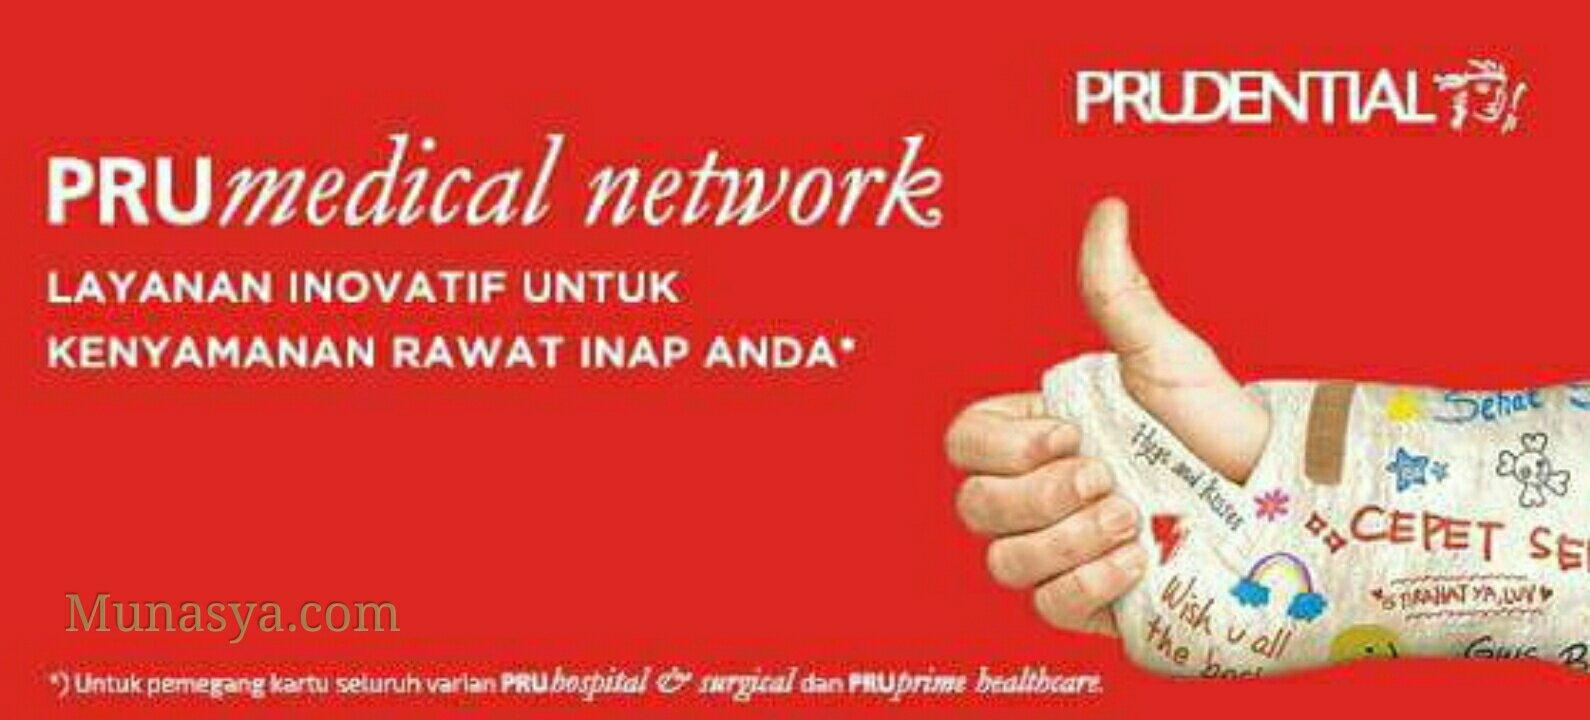 Inovasi Terbaru Prudential